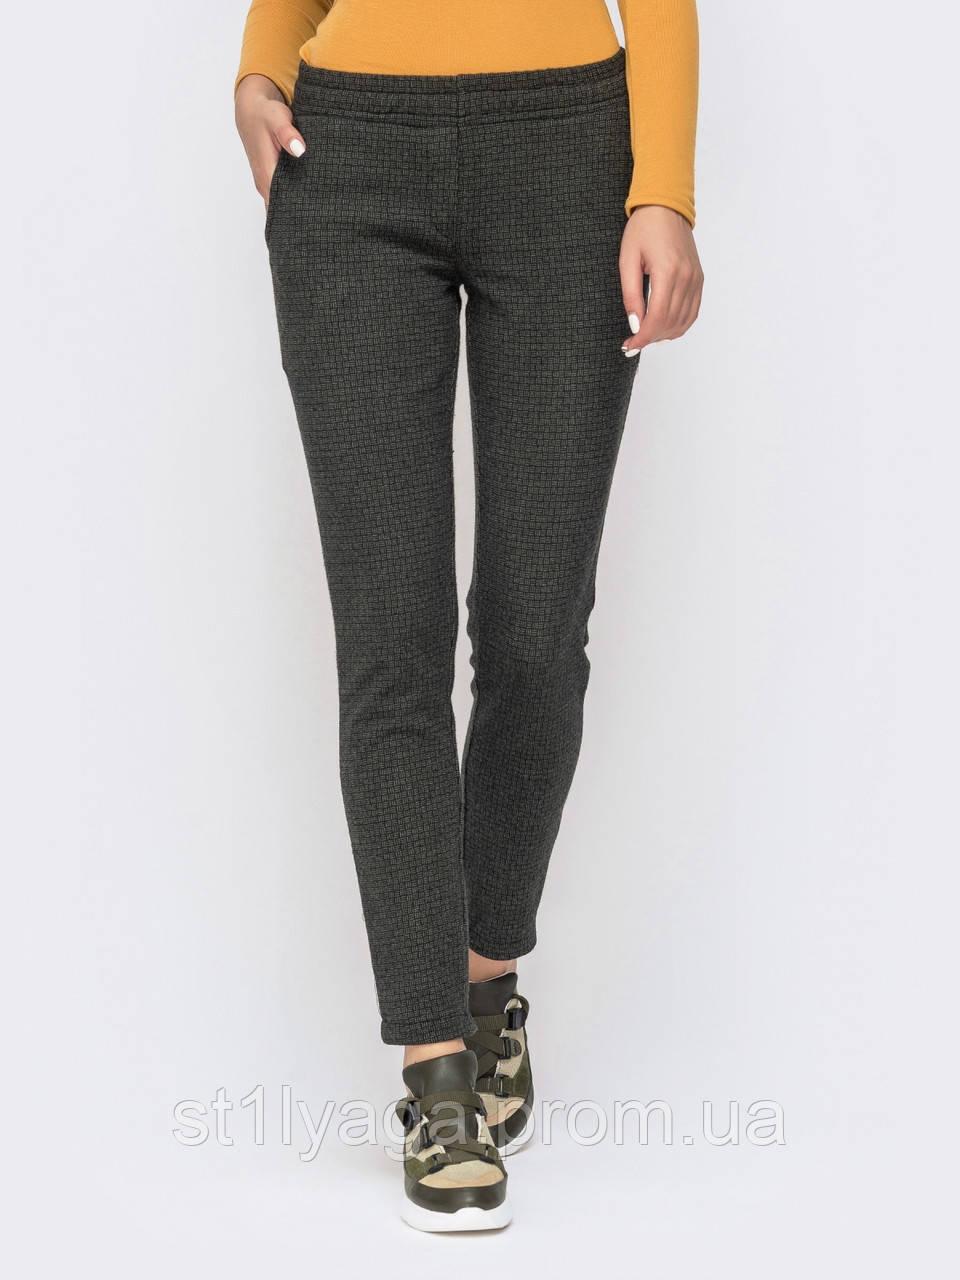 Повседневные брюки  с поясом на резинке и косыми карманами